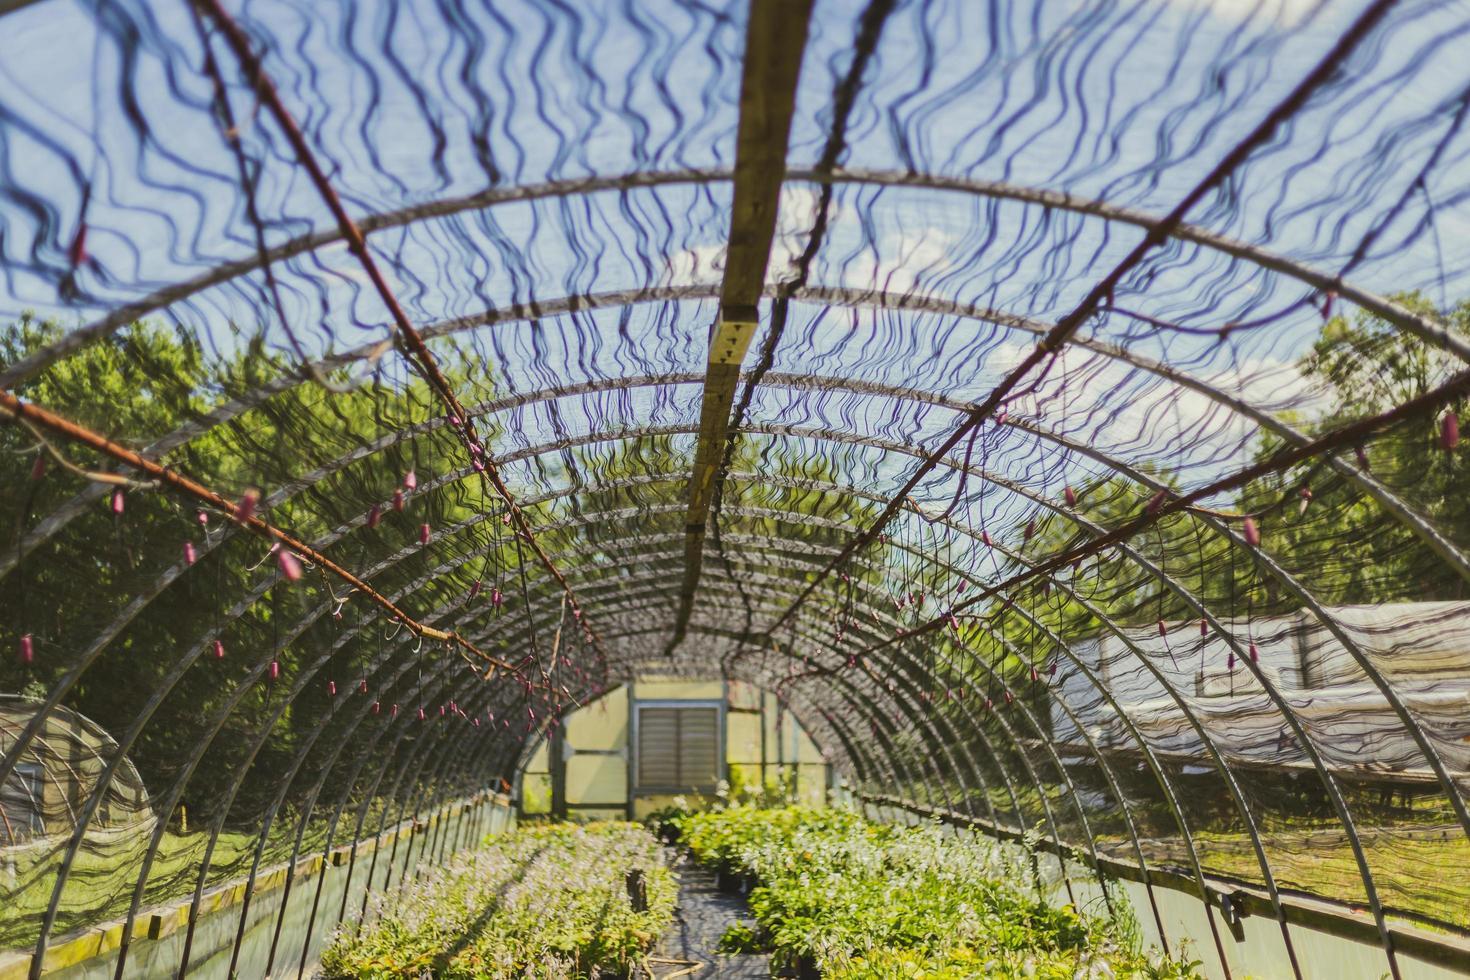 hermoso techo de invernadero foto